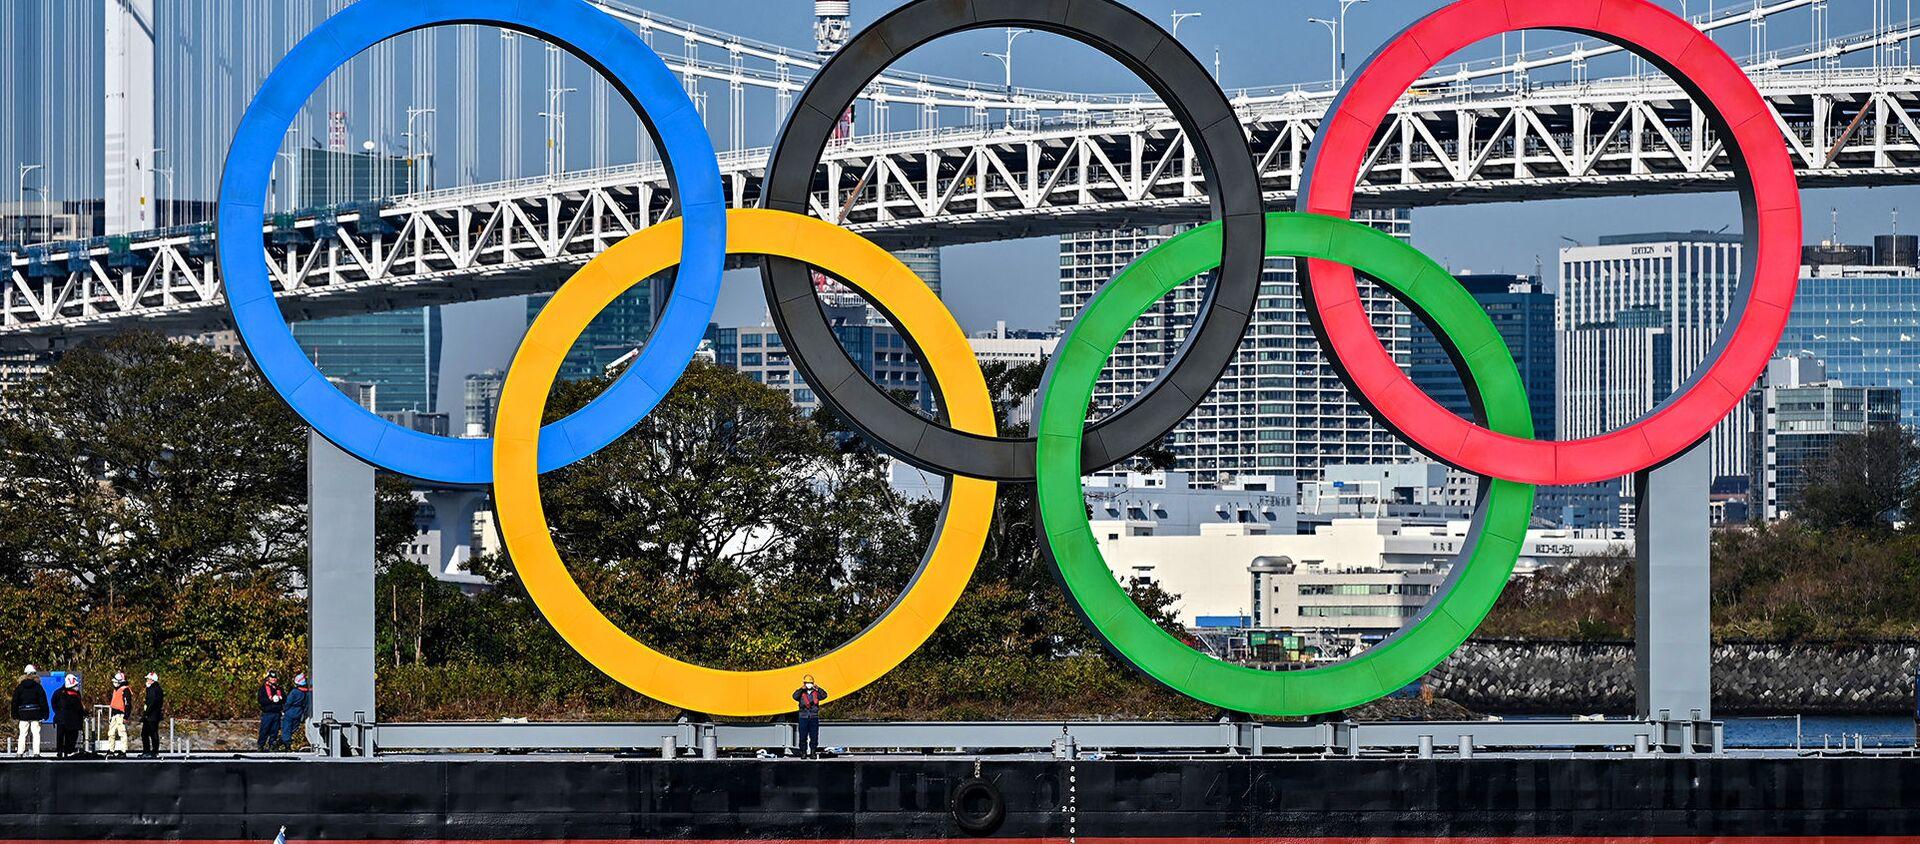 Организаторы Олимпийских игр в Токио опубликовали необычные правила поведения для гостей соревнований - Sputnik Азербайджан, 1920, 10.02.2021